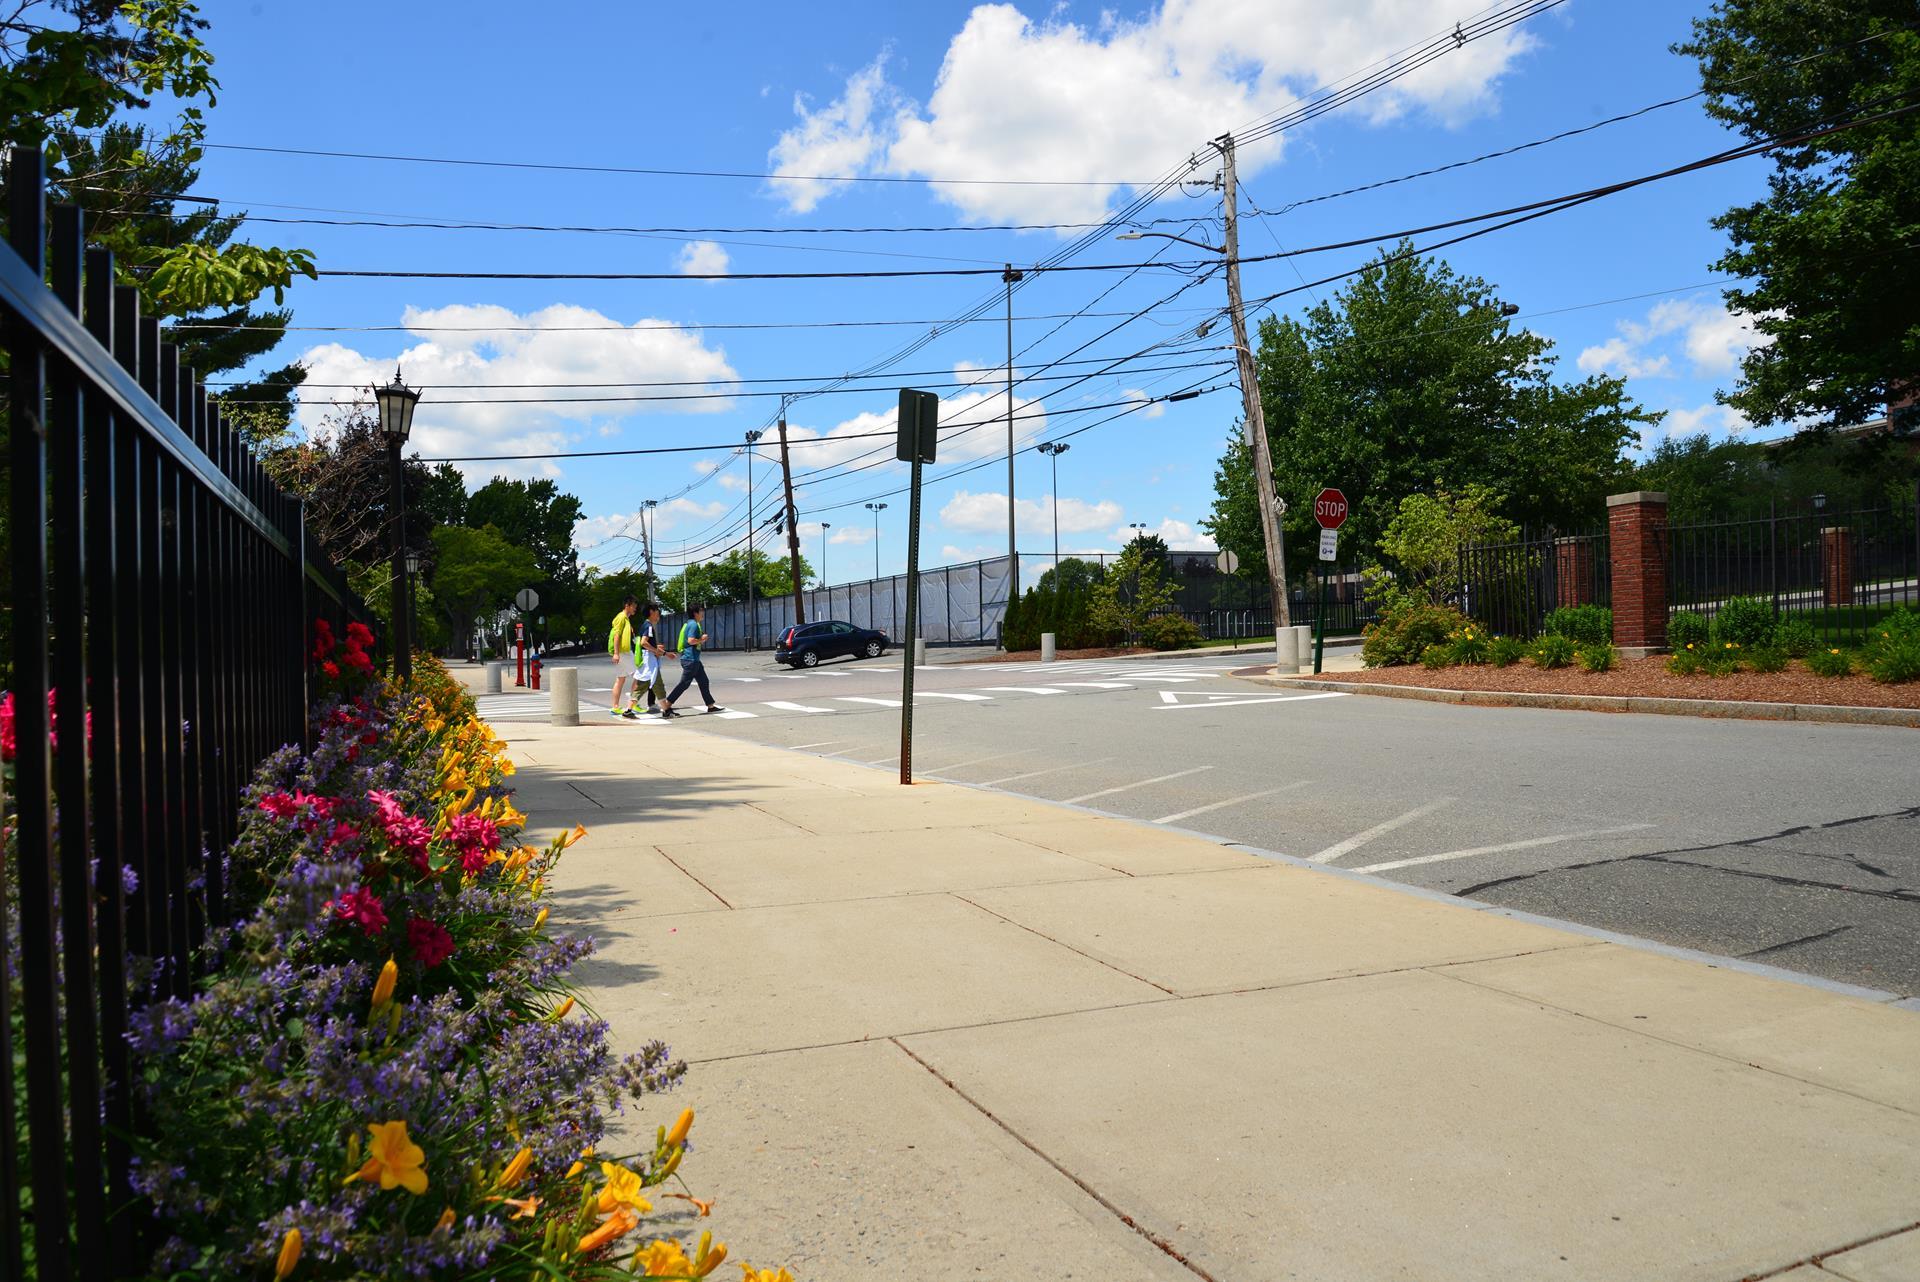 Tufts University Street Intersection, Somerville, Massachusetts